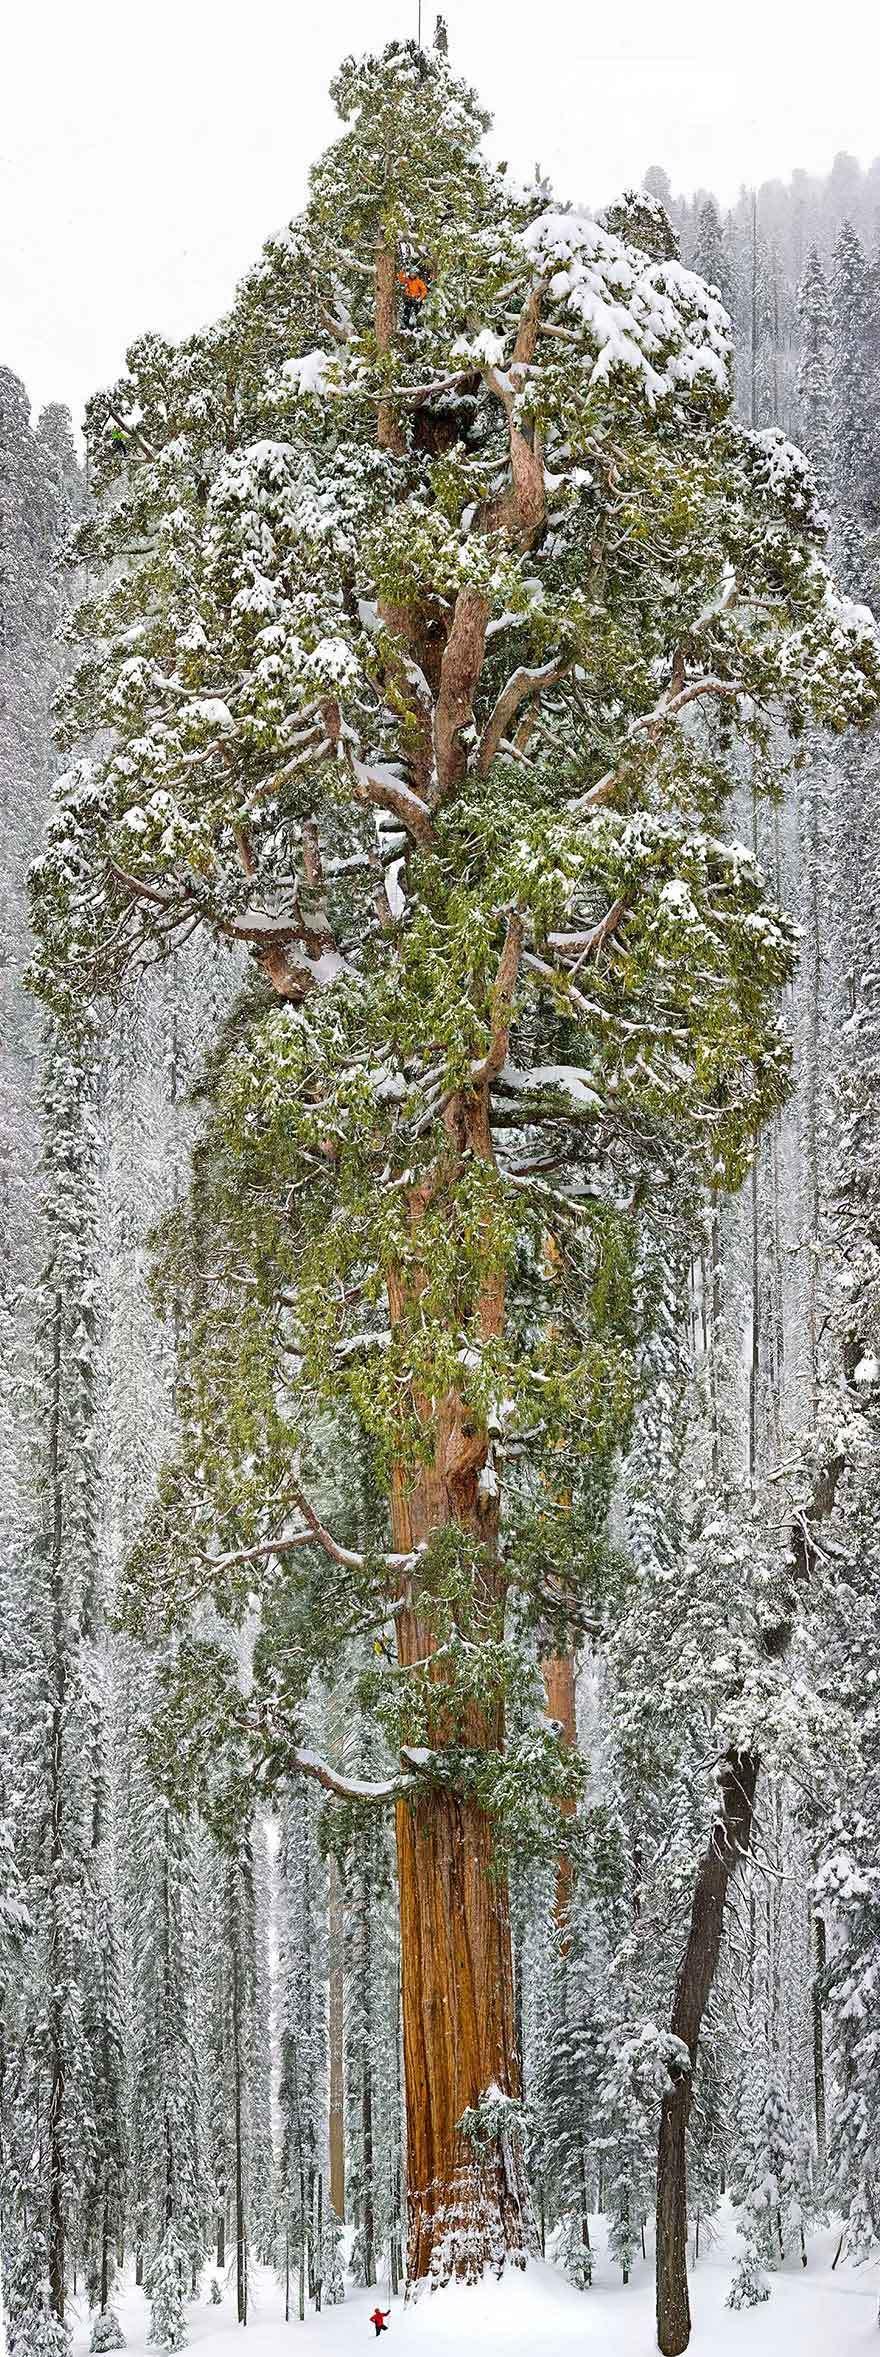 全球绝美树木奇幻壮观:也门龙血树形似巨伞